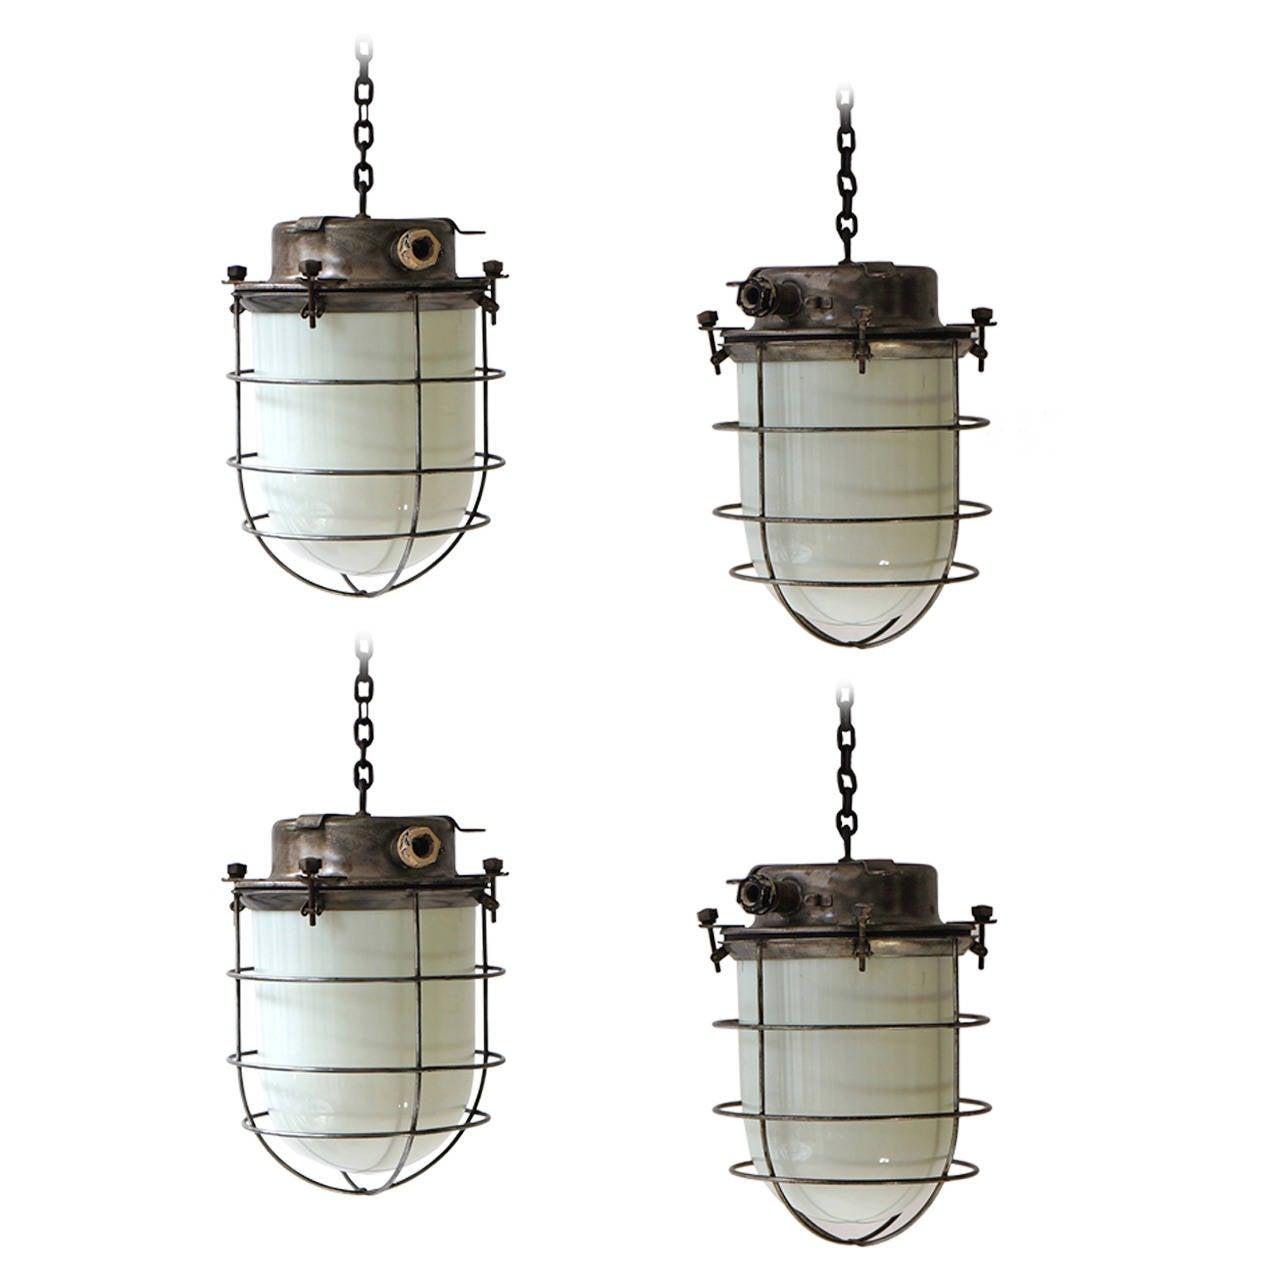 four vintage industrial hanging lamps for sale at 1stdibs. Black Bedroom Furniture Sets. Home Design Ideas